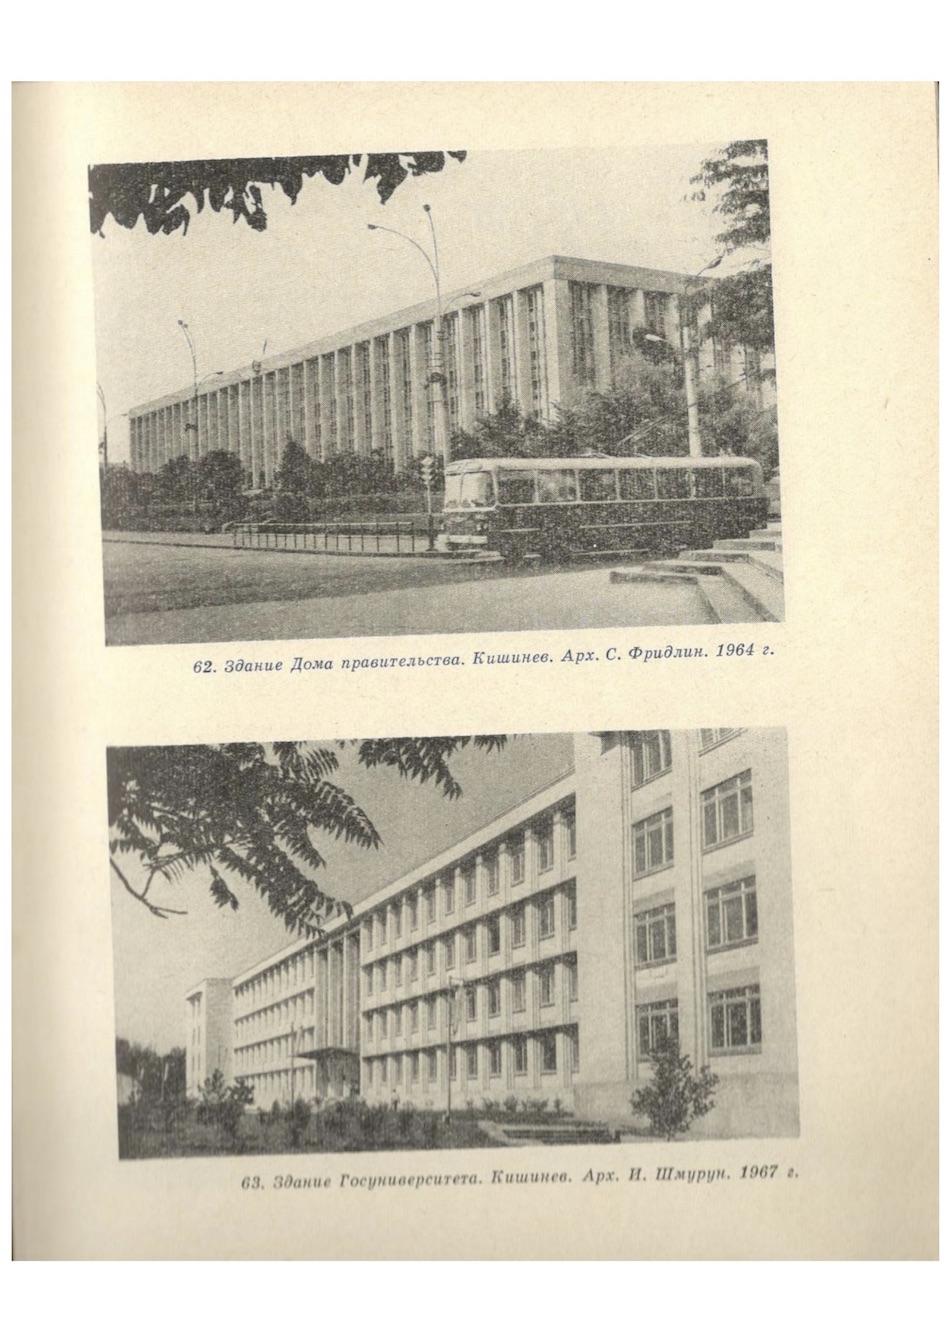 293129-Градостроительство-Молдавии-В-Ф-Смирнов